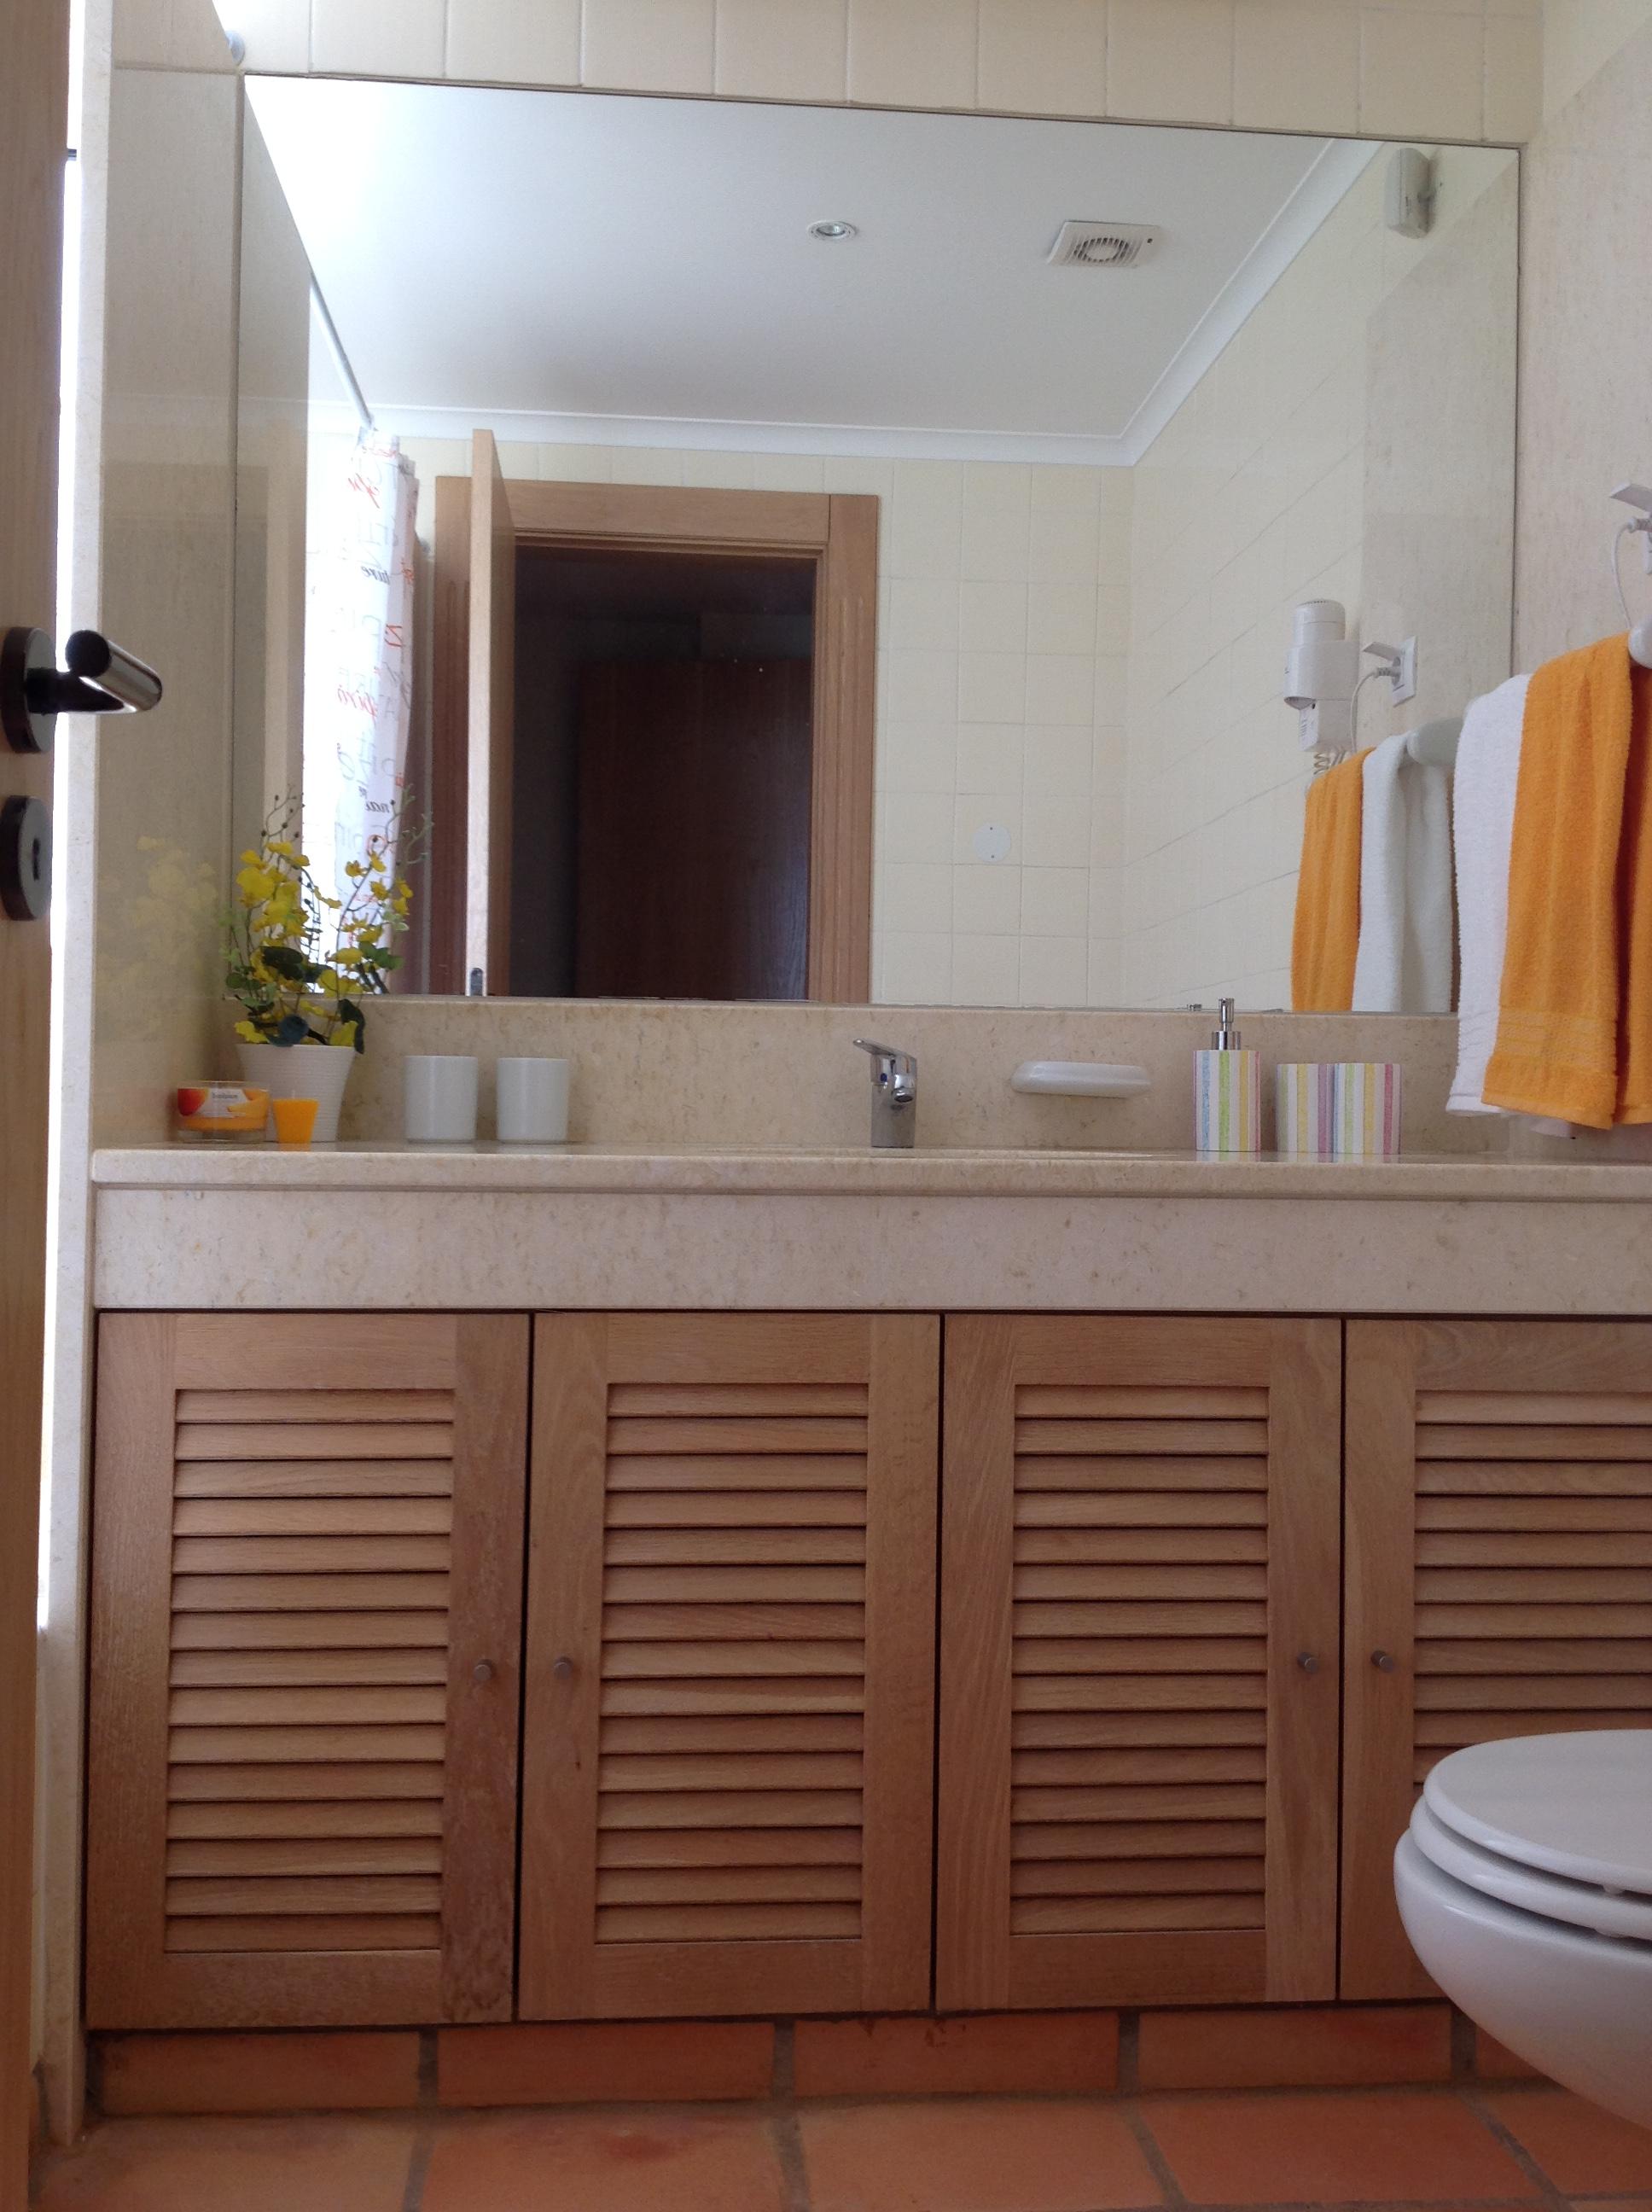 Location appartements et villas de vacance, Casa de Férias Vila Sol à Quarteira, Portugal Algarve, REF_IMG_3982_3989